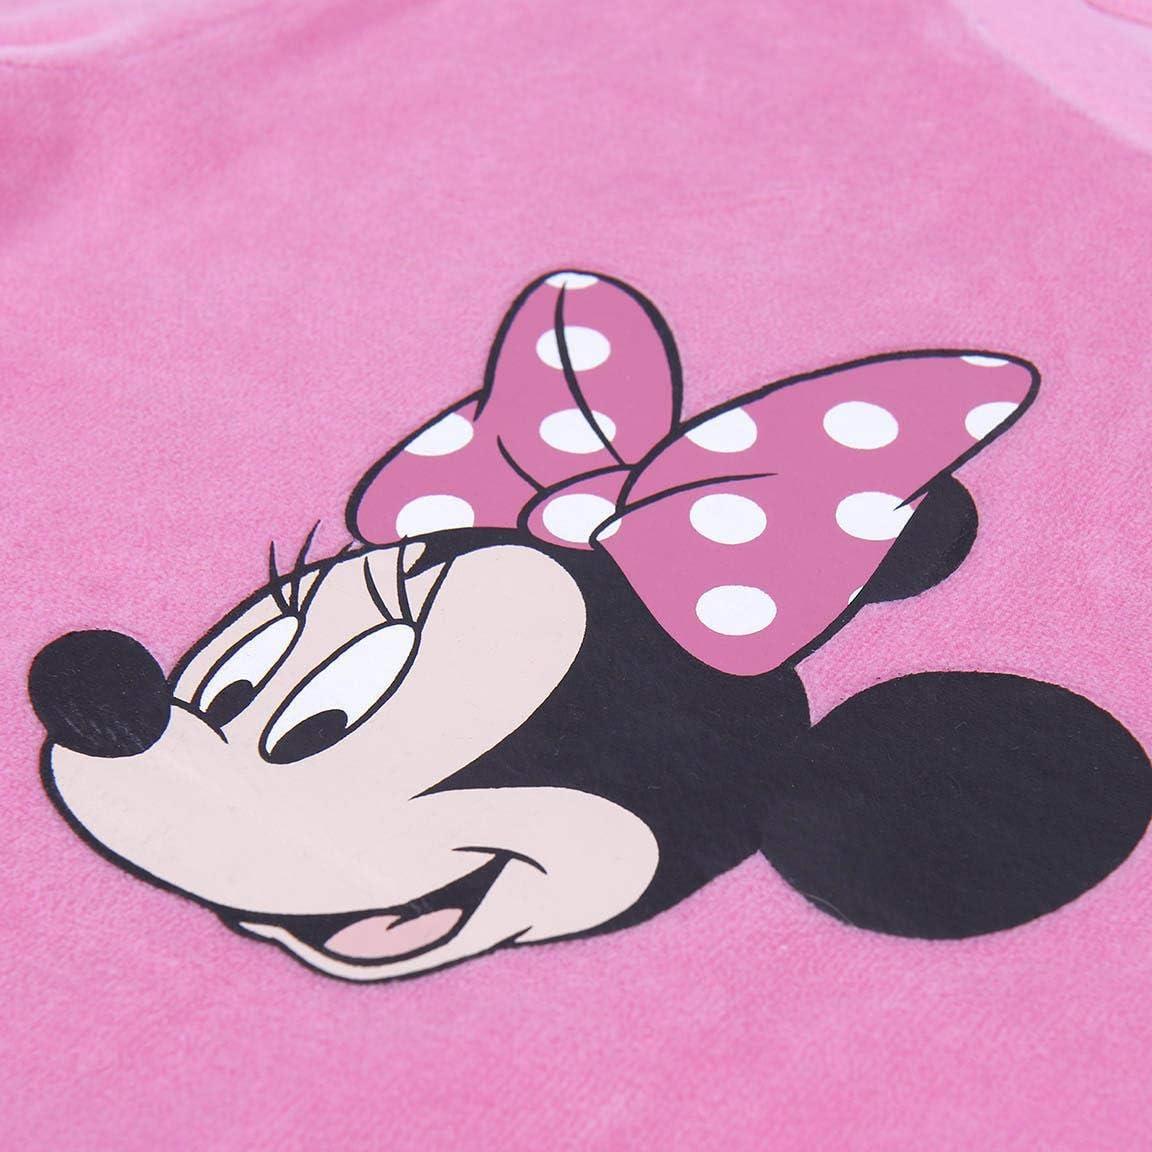 Set Pigiama 2 Pezzi in Velluto e Cotone Super Morbido Regalo per Bambina Disney Minnie Mouse Pigiama per Bambina 2 a 6 Anni Pigiama Invernale Confortevole